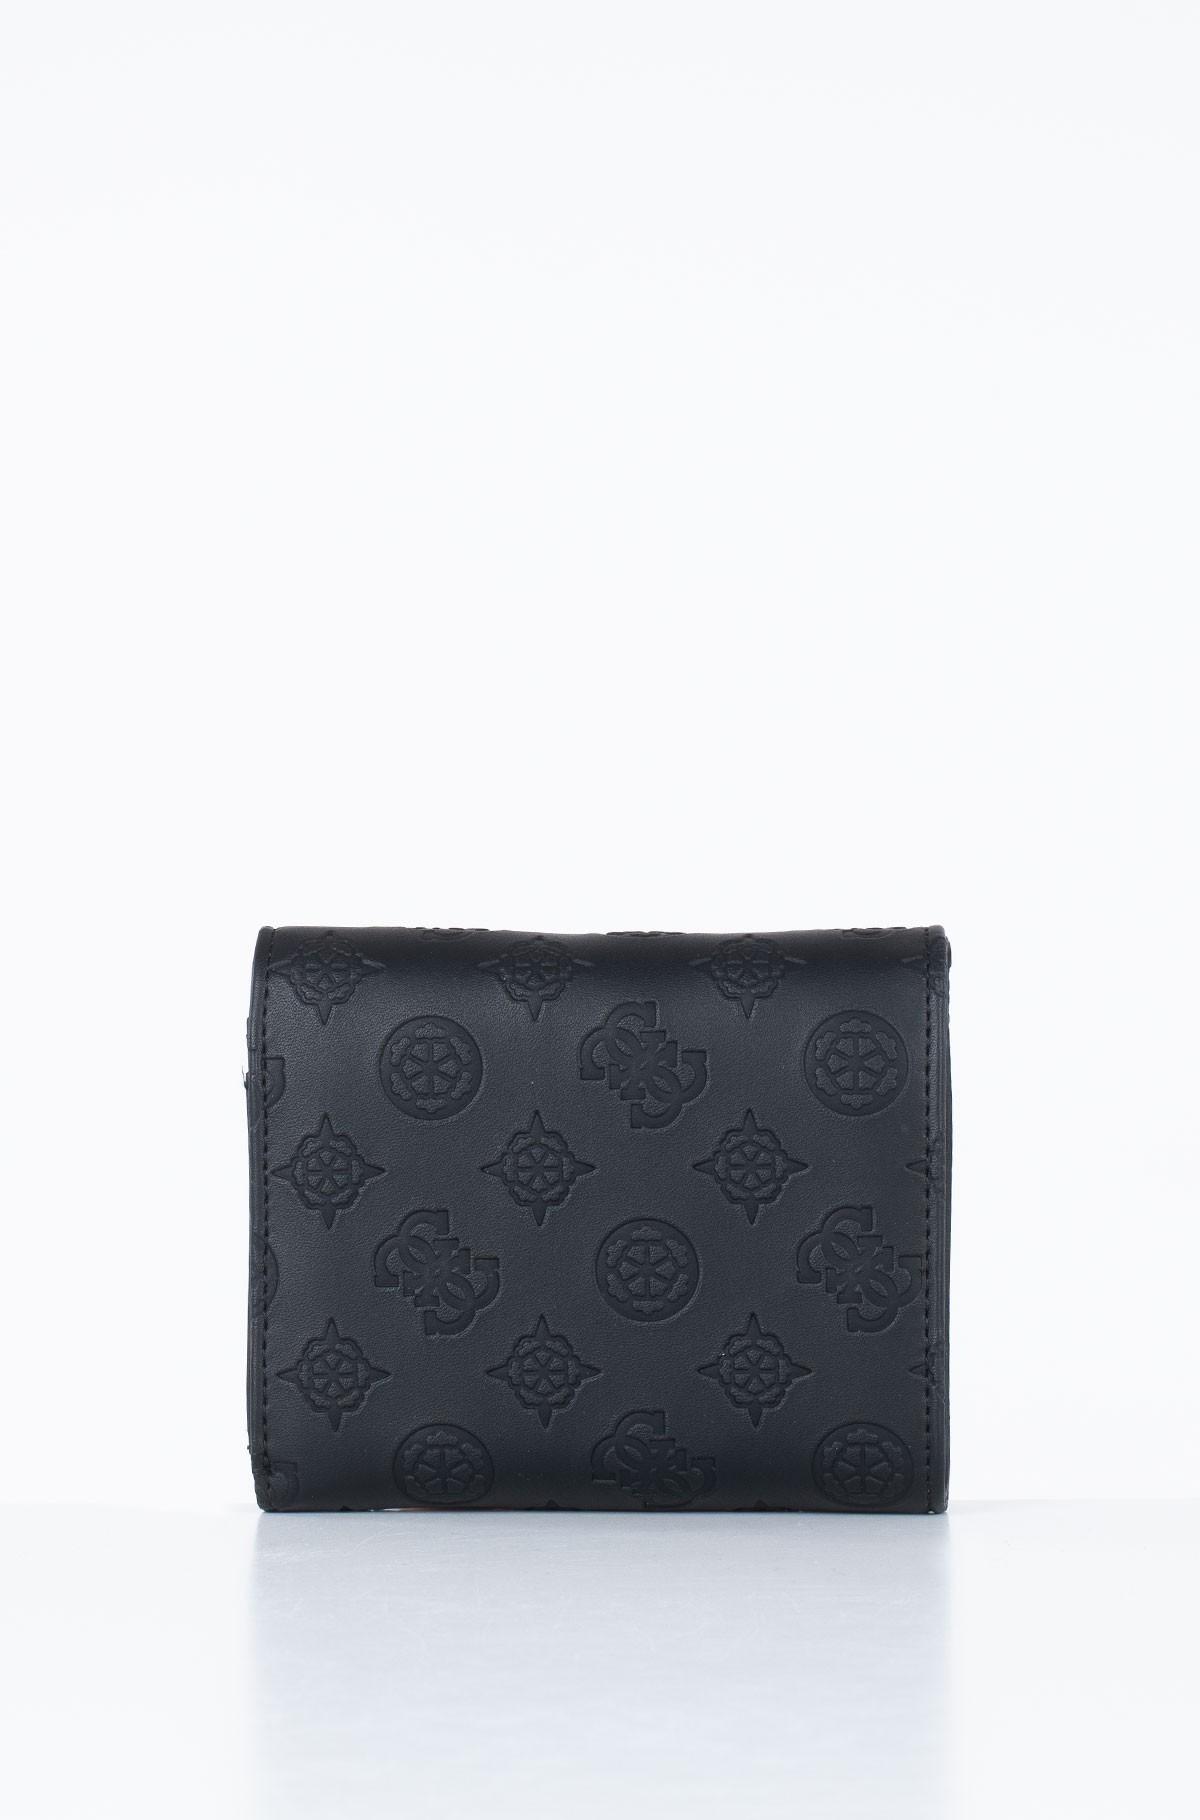 Wallet SWSP74 33430-full-3